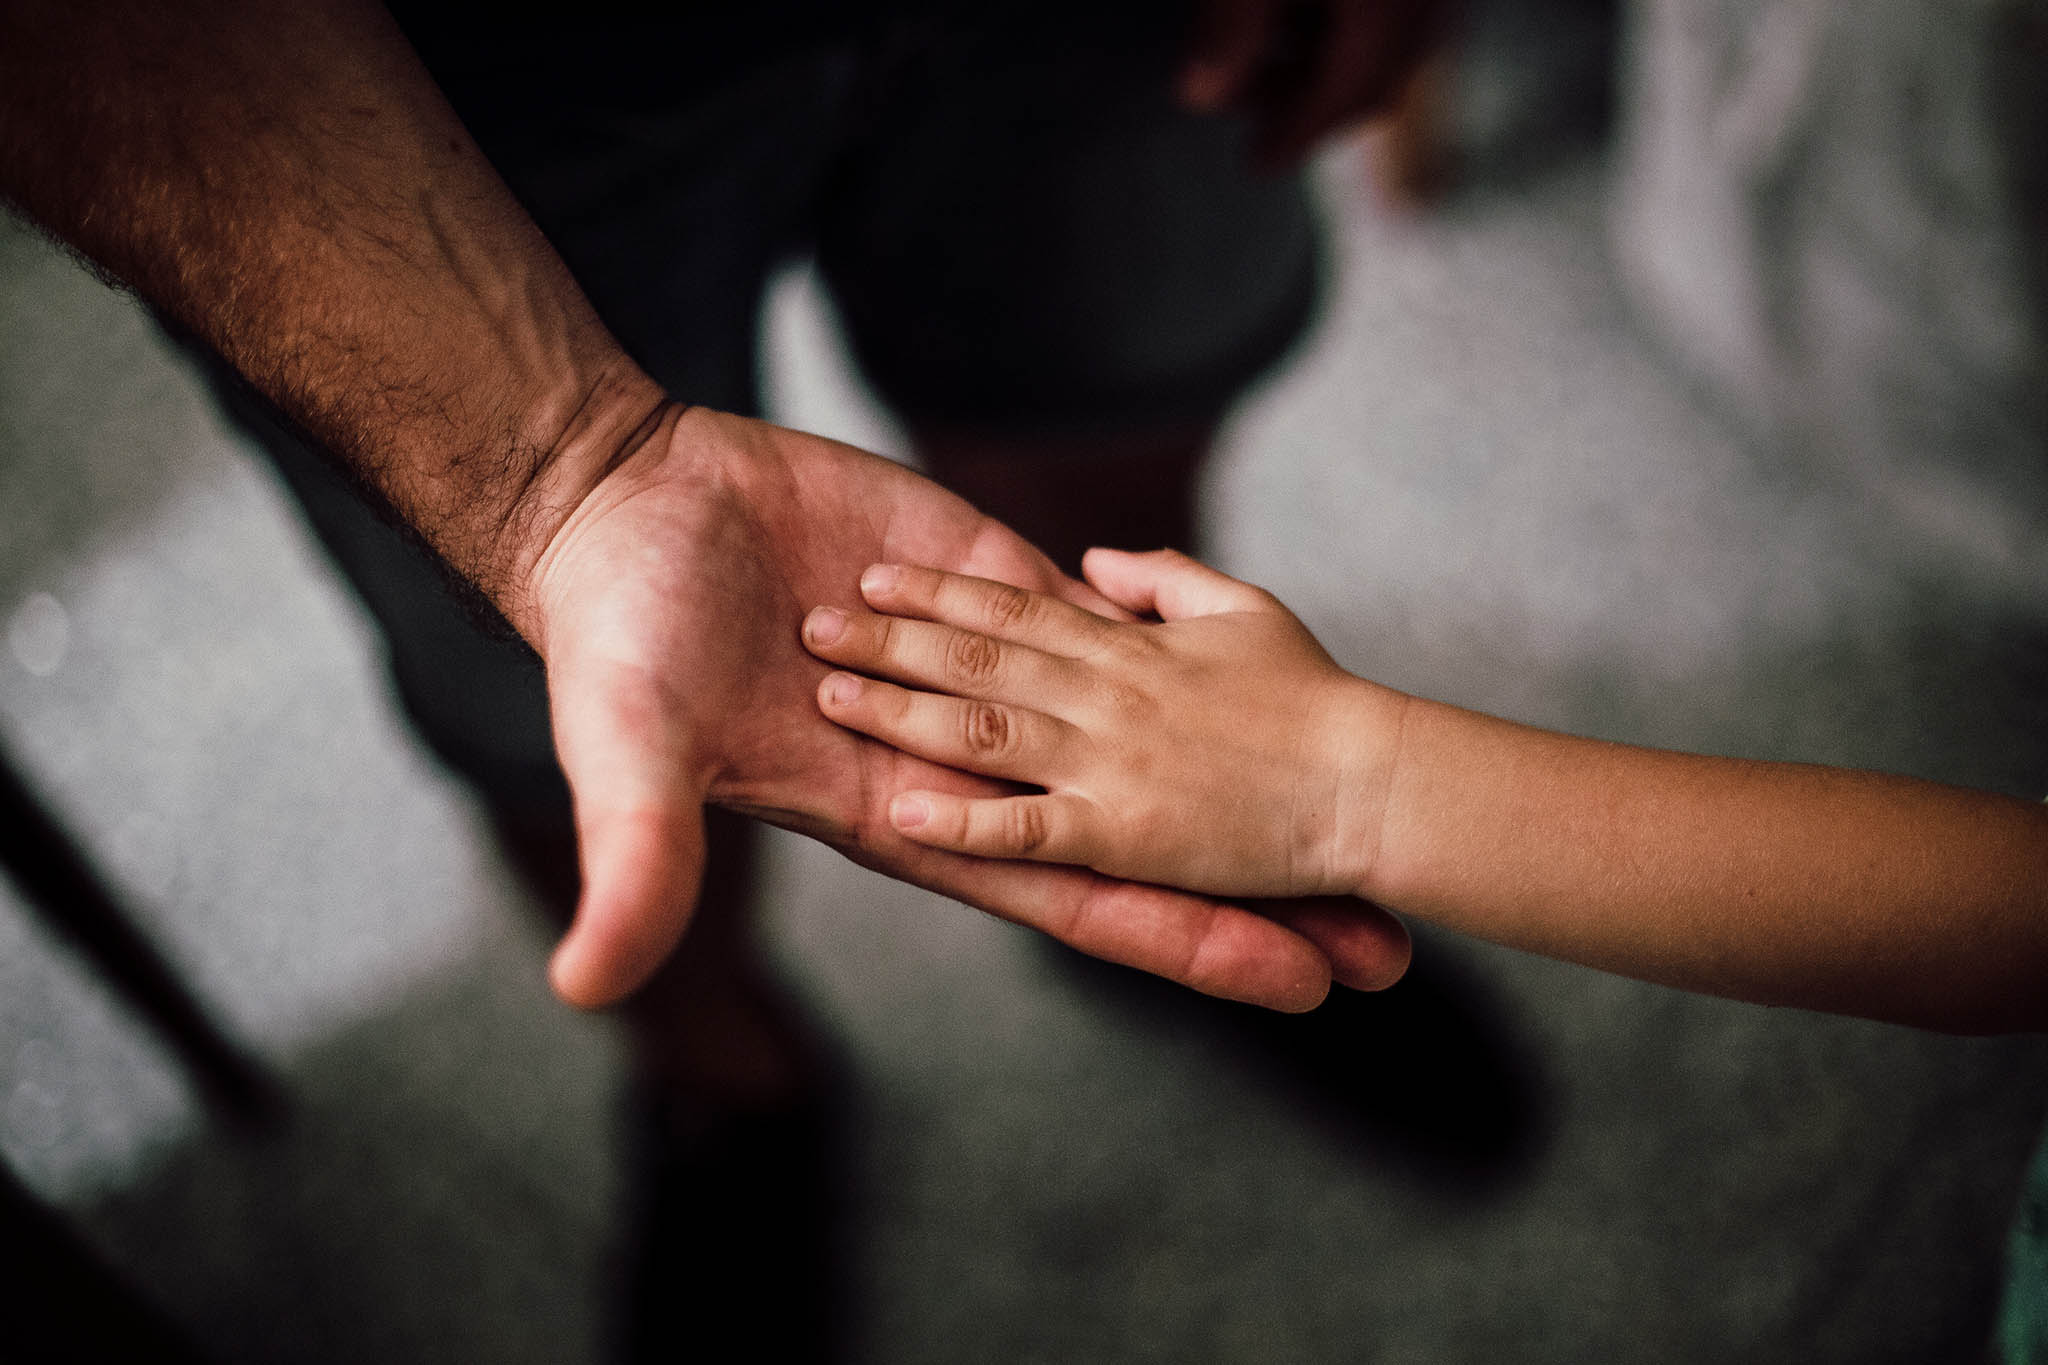 Dia da Criança | Sexo precoce apontado como entrave ao desenvolvimento saudável